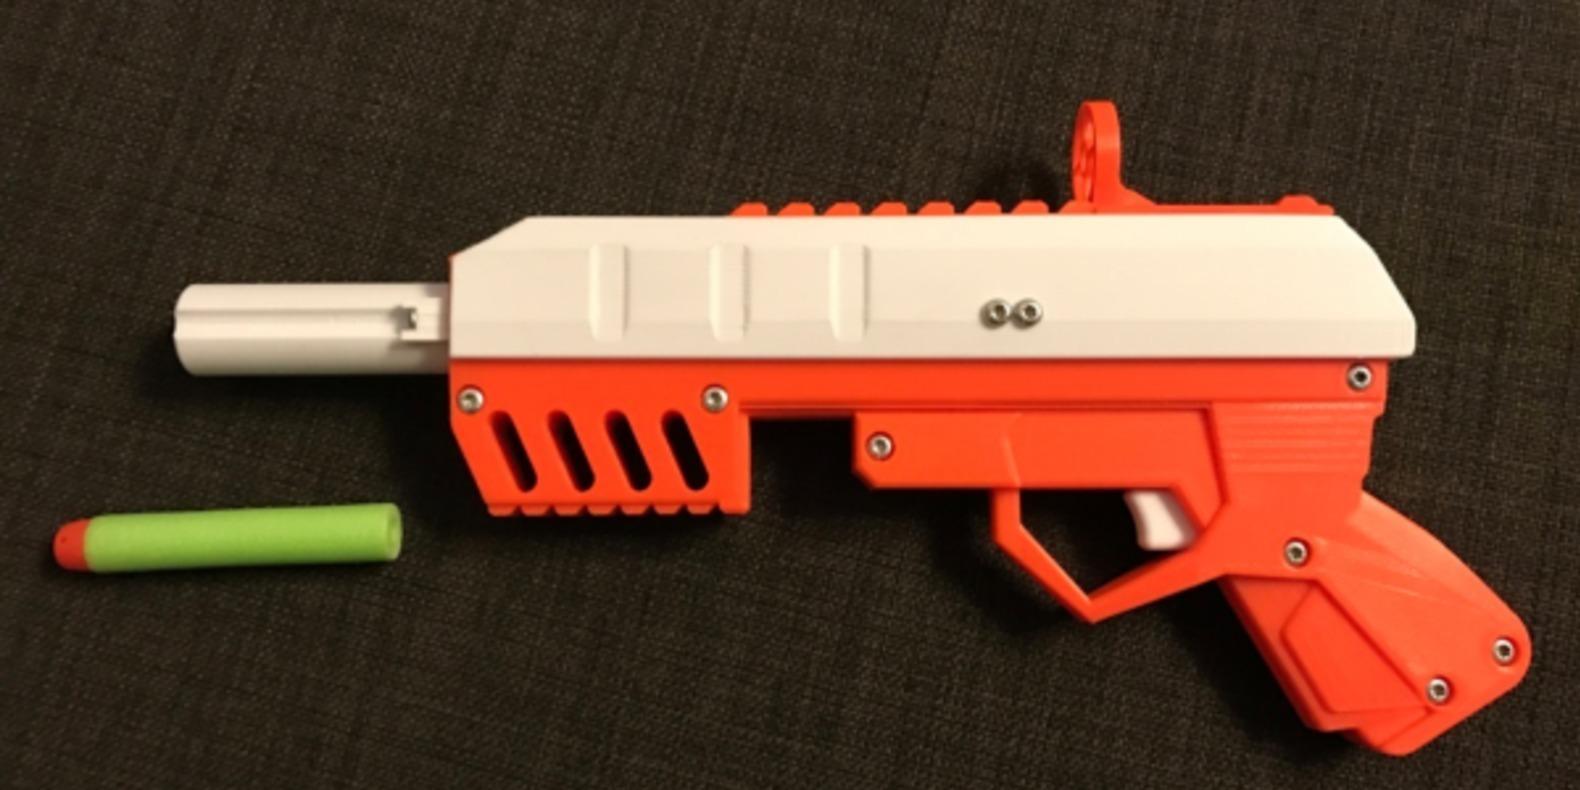 pistolet-NERF-impression-3D-fichier-3D-cults-3D-1.png